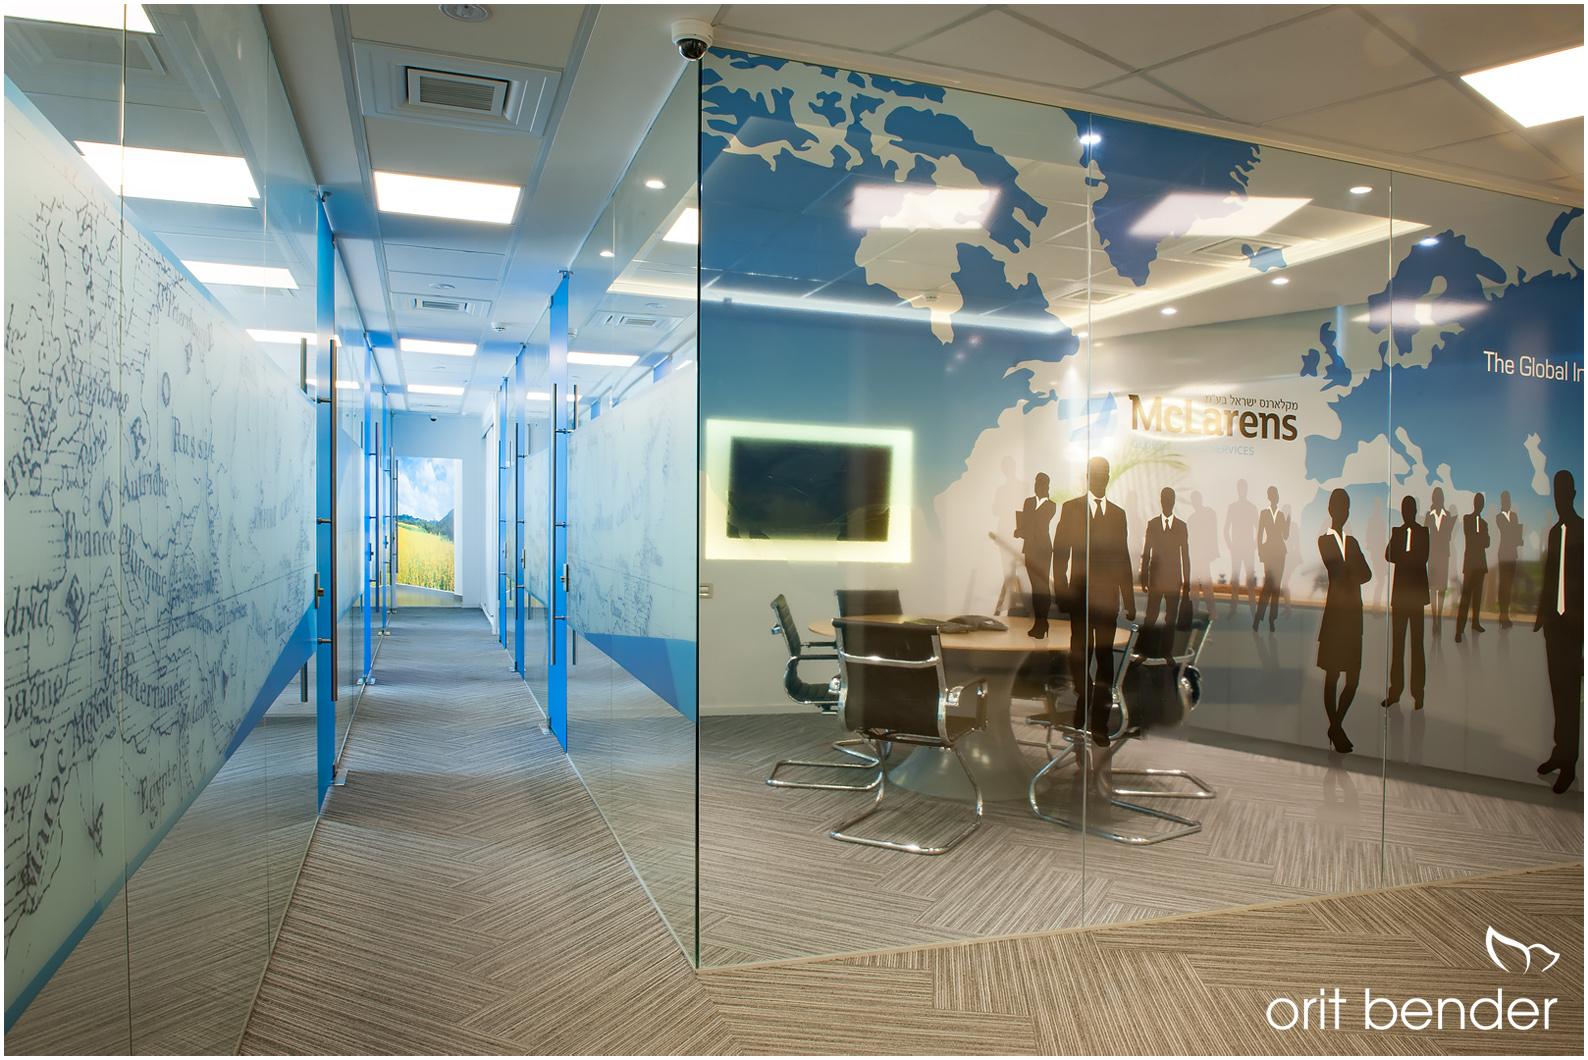 תכנון מחיצות פנים מזכוכית במשרדידם